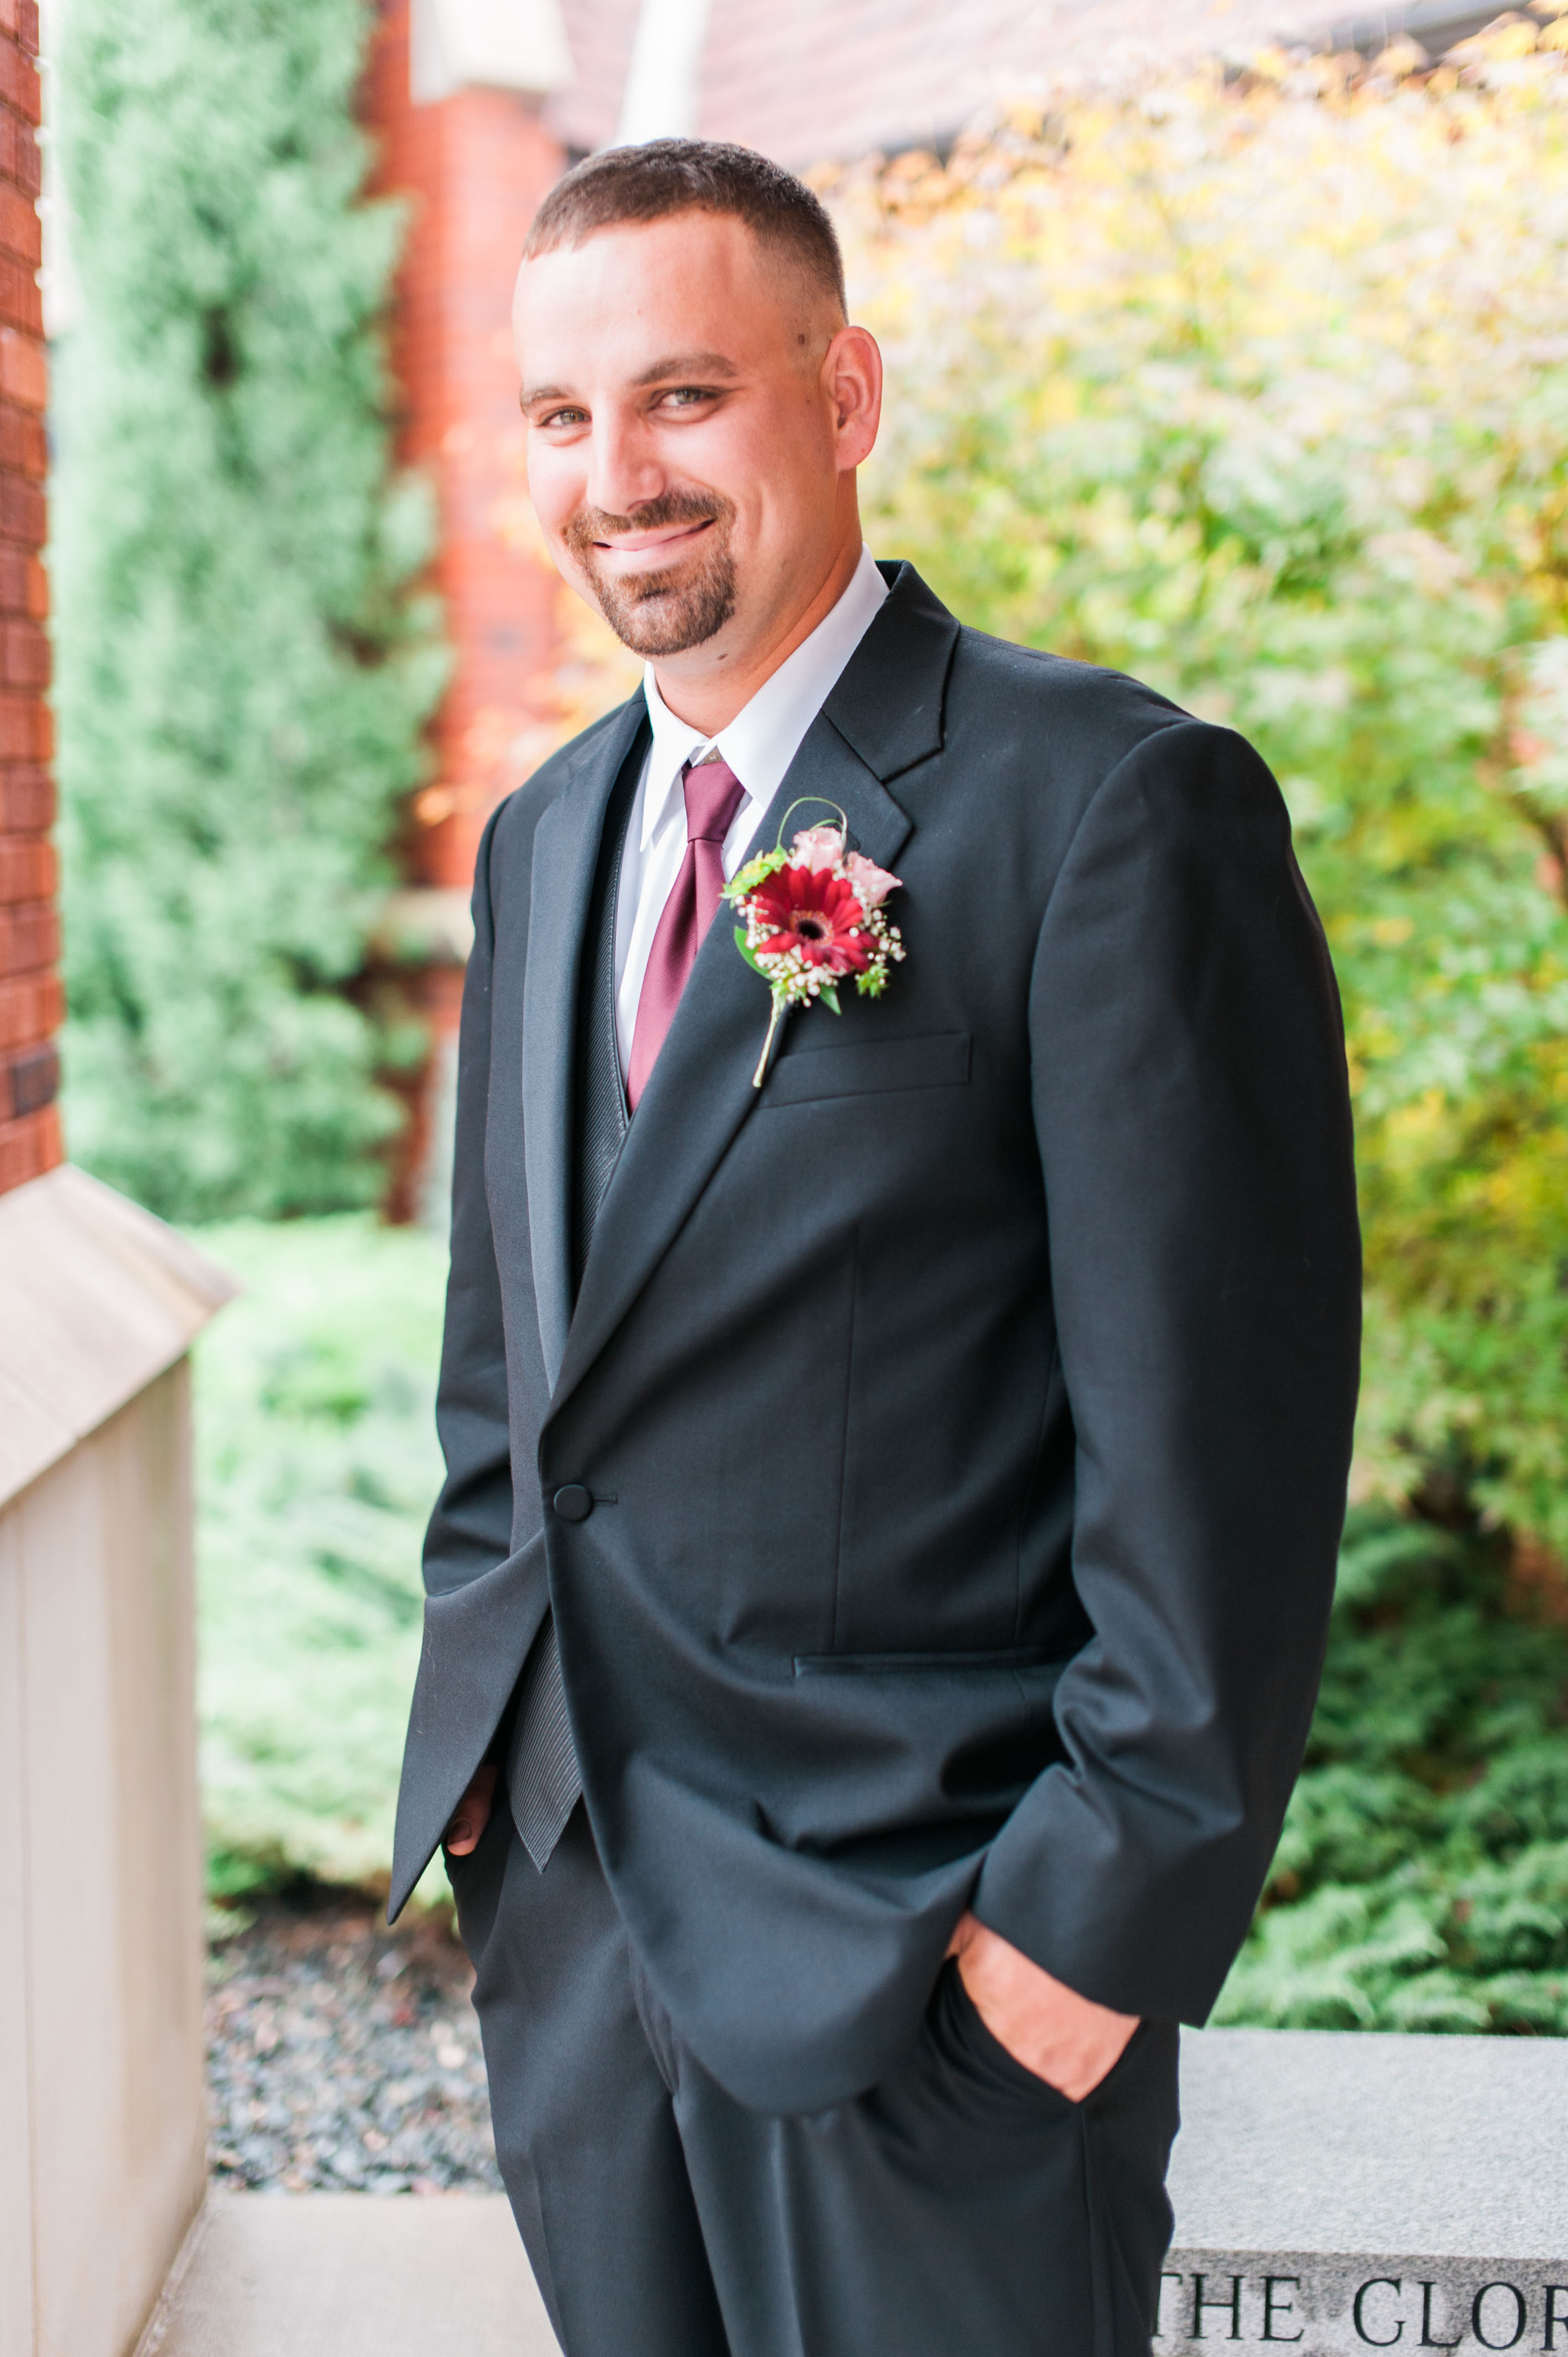 nebraska-wedding-photographer-11.jpg